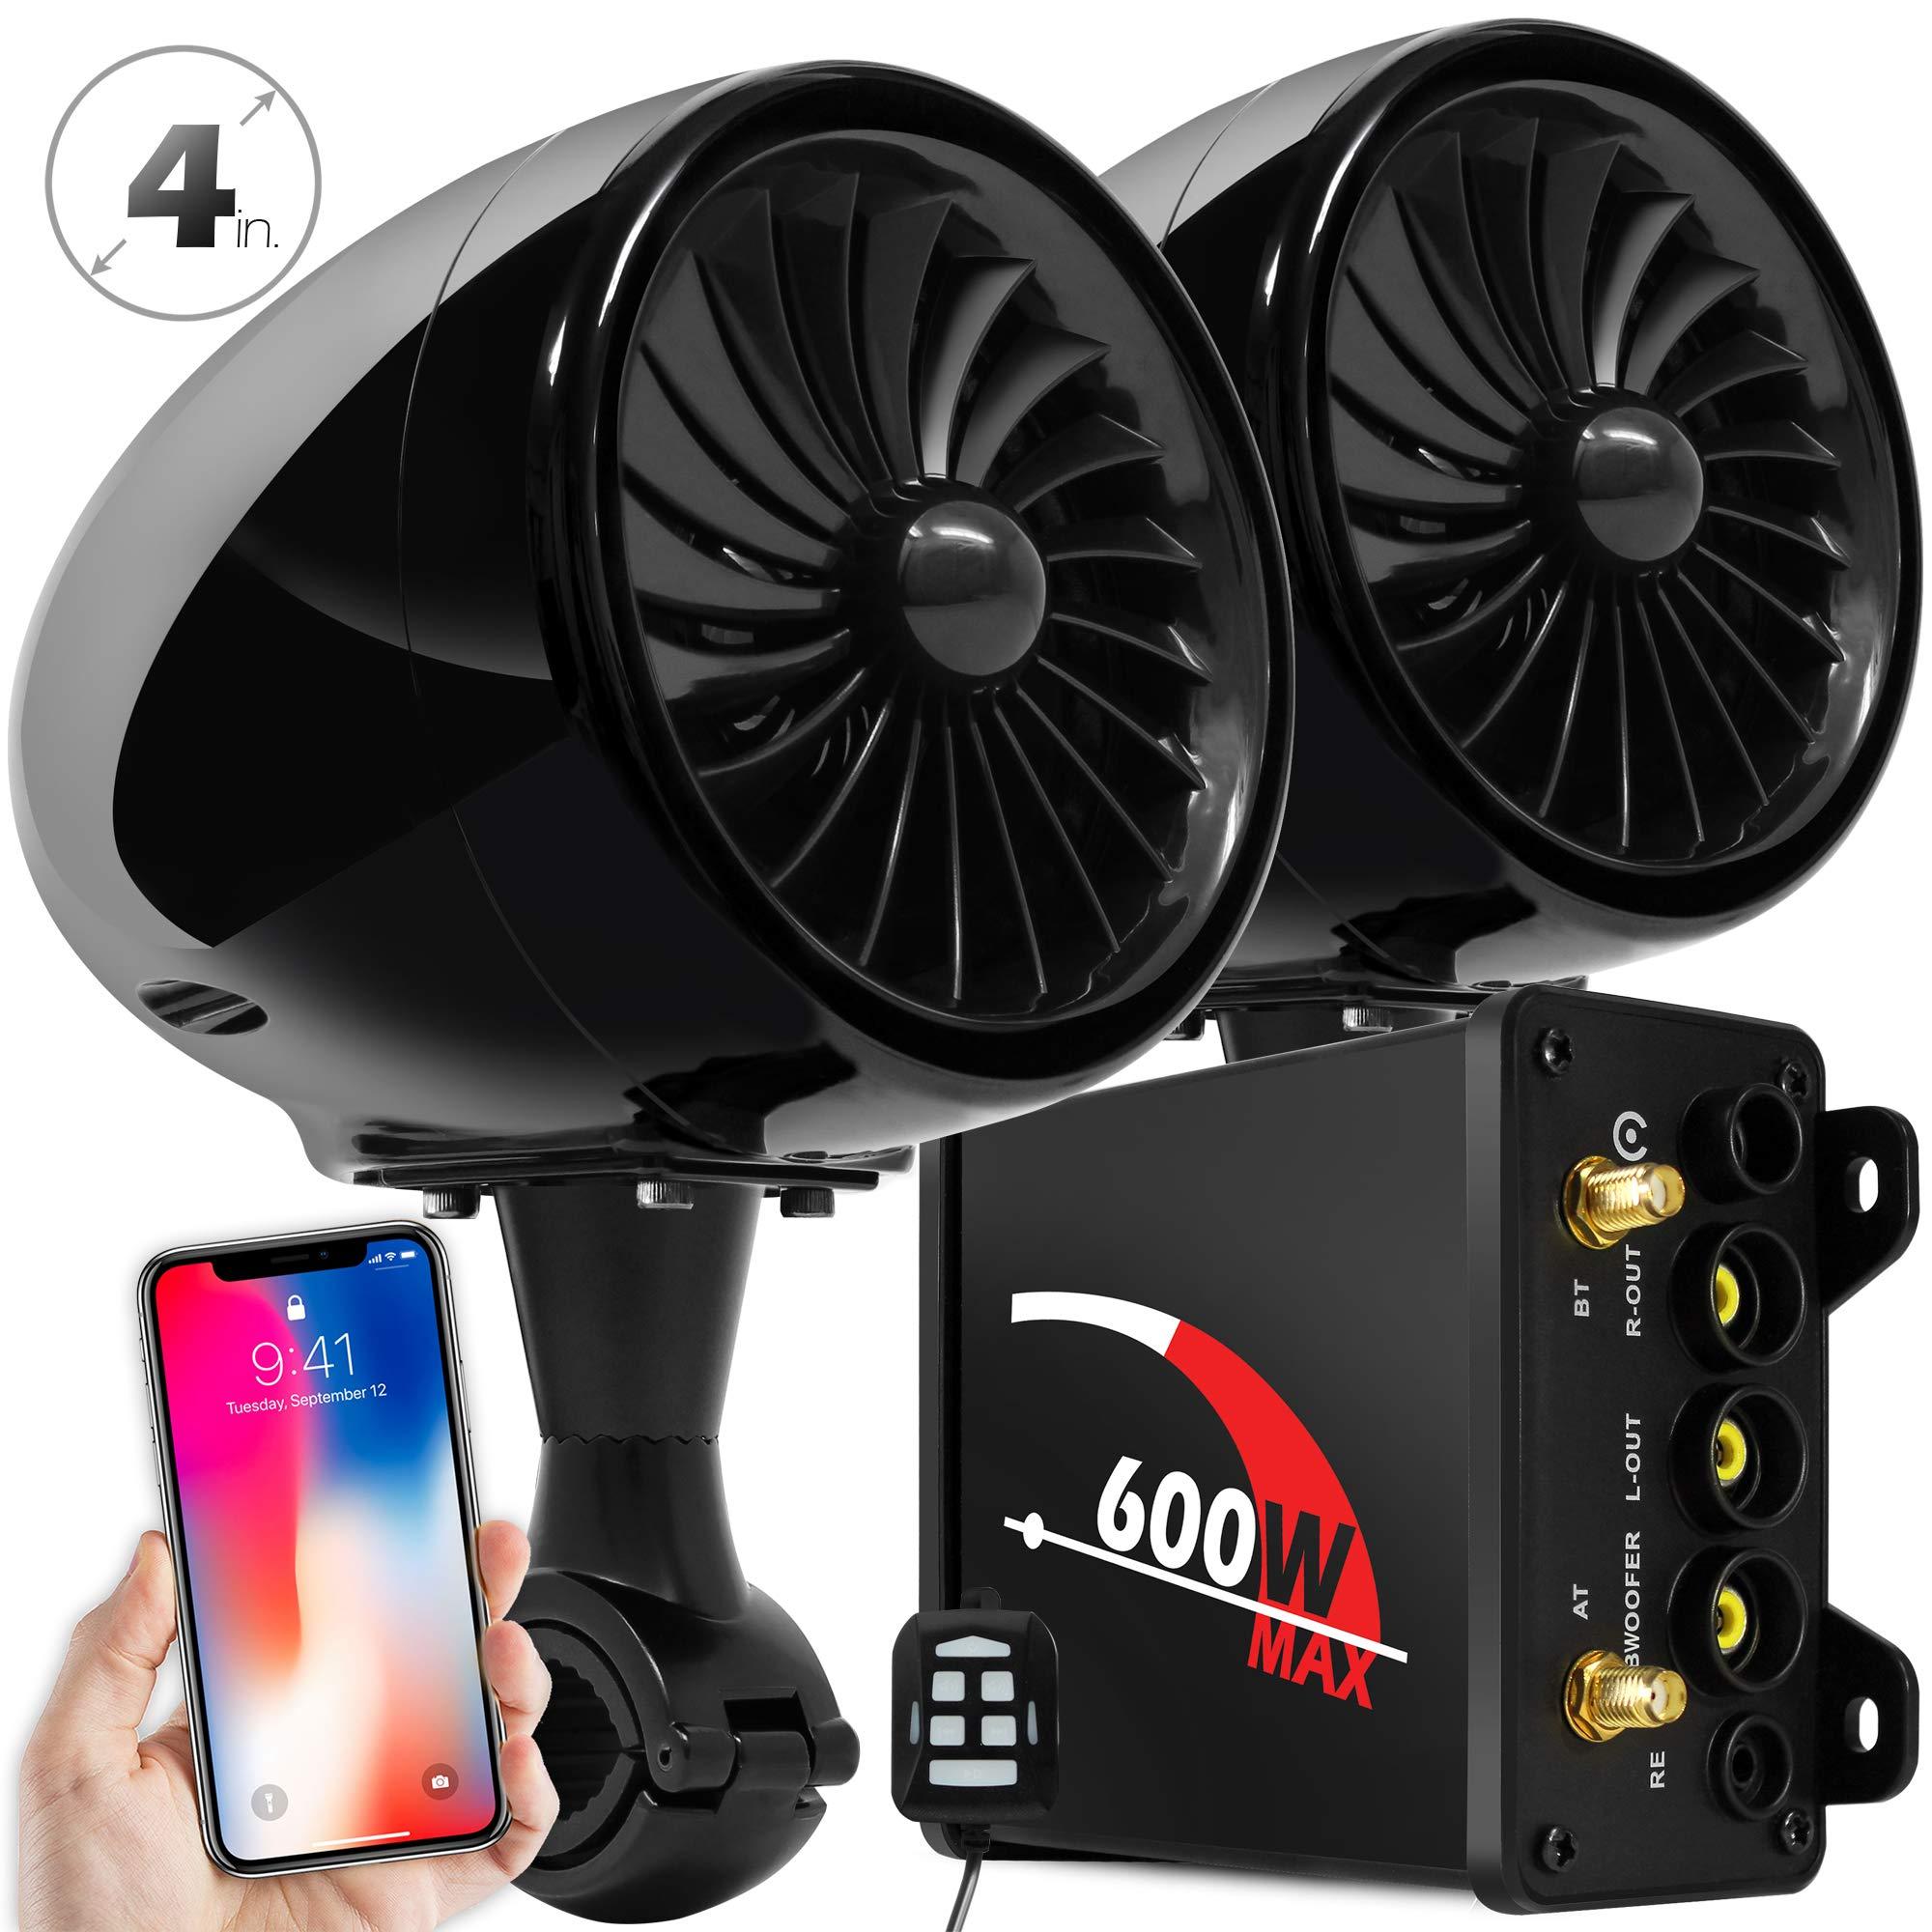 Goldenhawk 600w Amplifier 4 Full Range Waterproof Bluetooth Audio Motorcycle Stereo Speakers 7 8